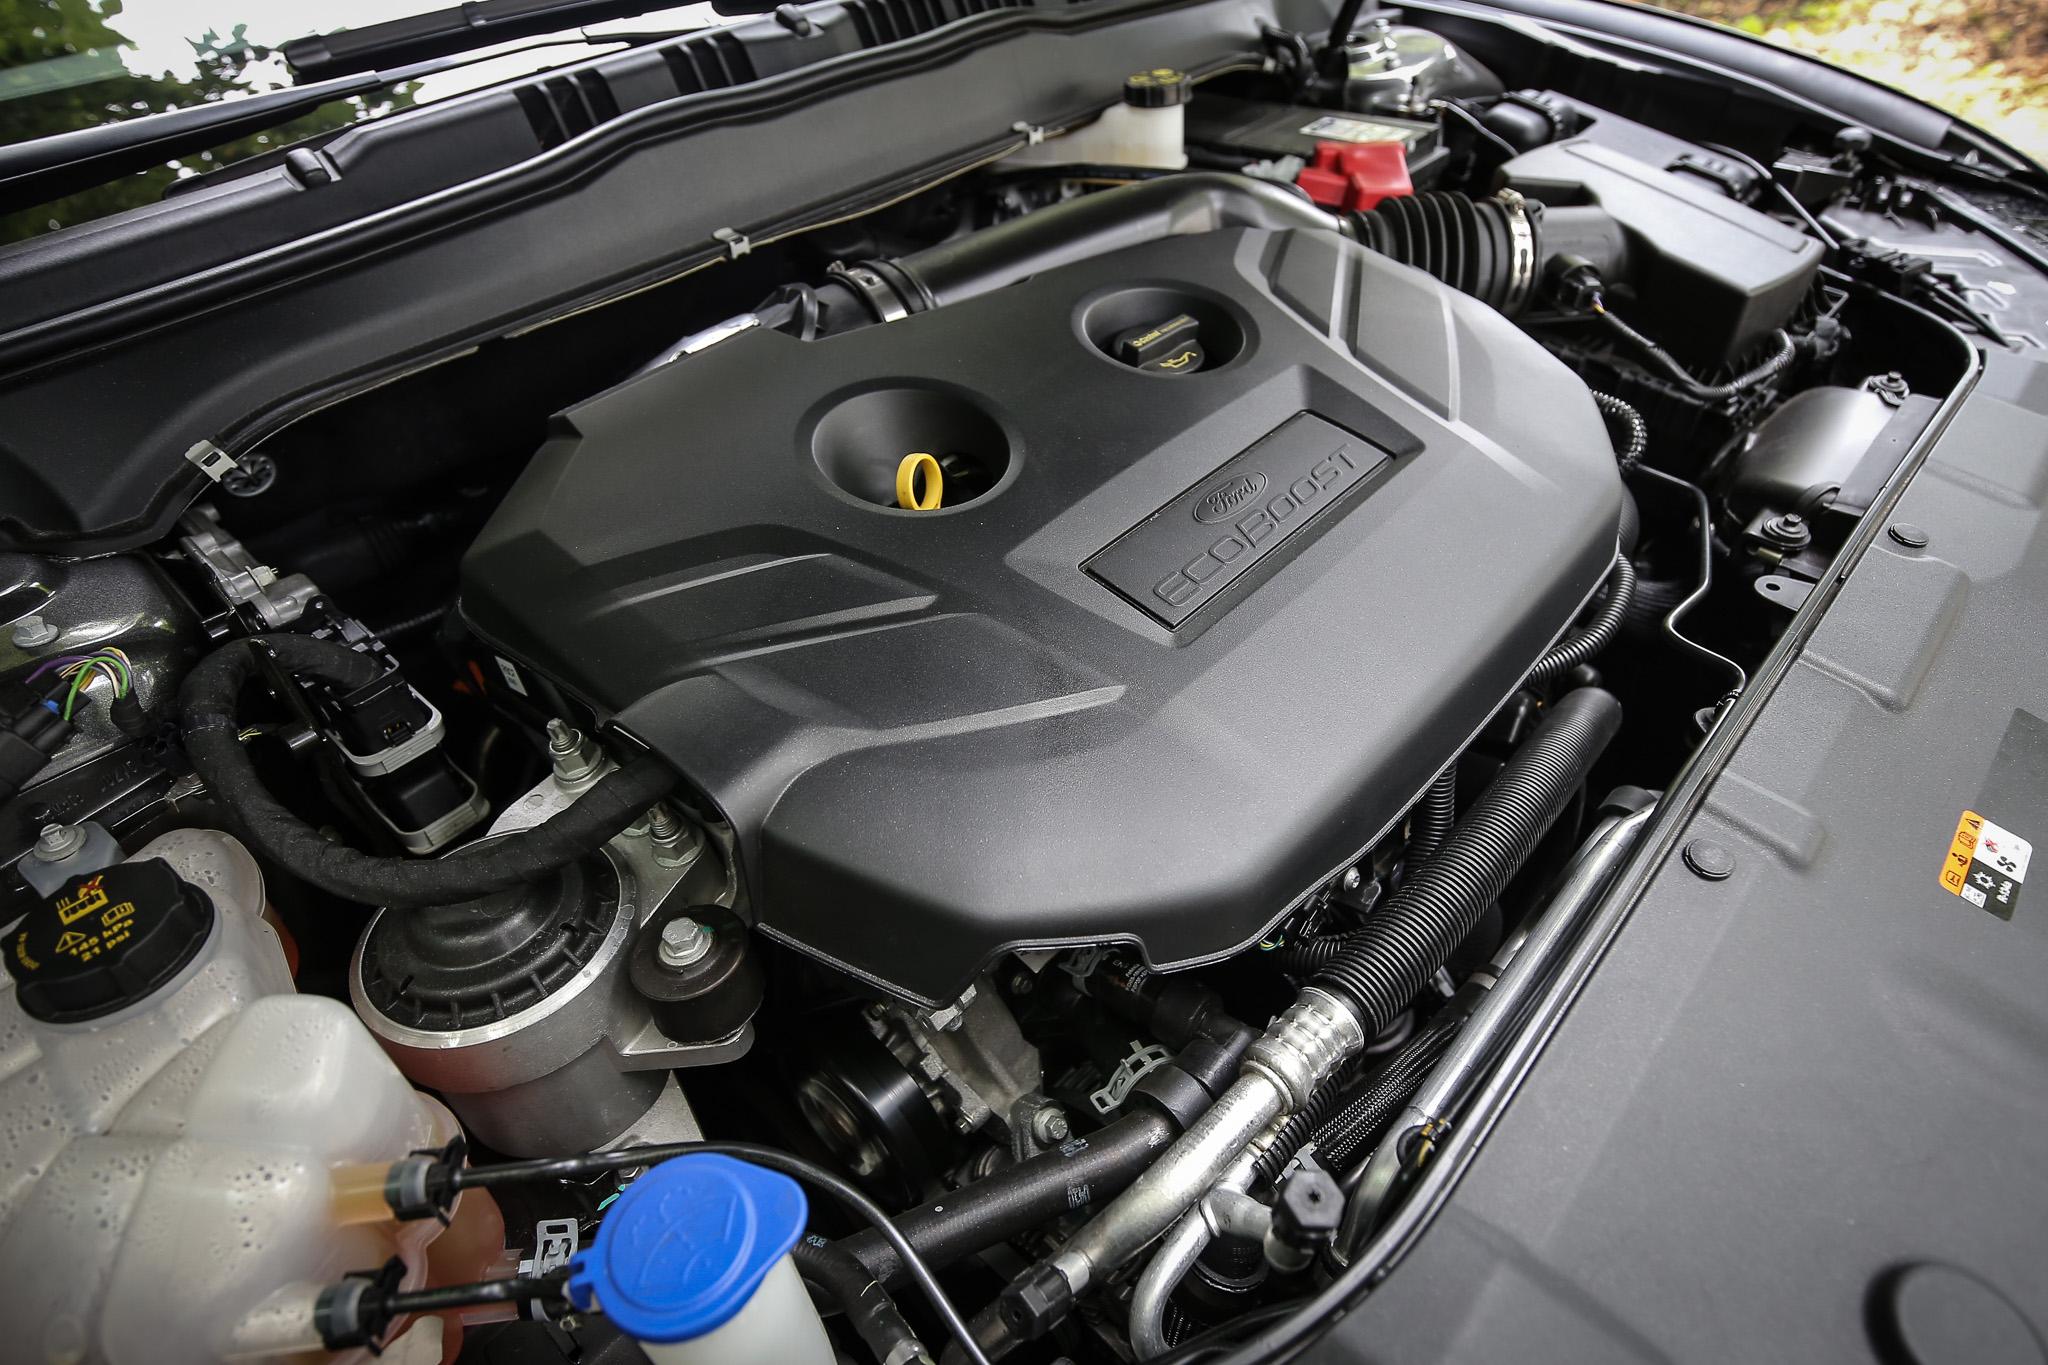 搭載 2.0L EcoBoost®240 高效渦輪汽油引擎,可輸出 240ps/5300rpm 最大馬力與 35.2kgm/2300~4900rpm 峰值扭力。